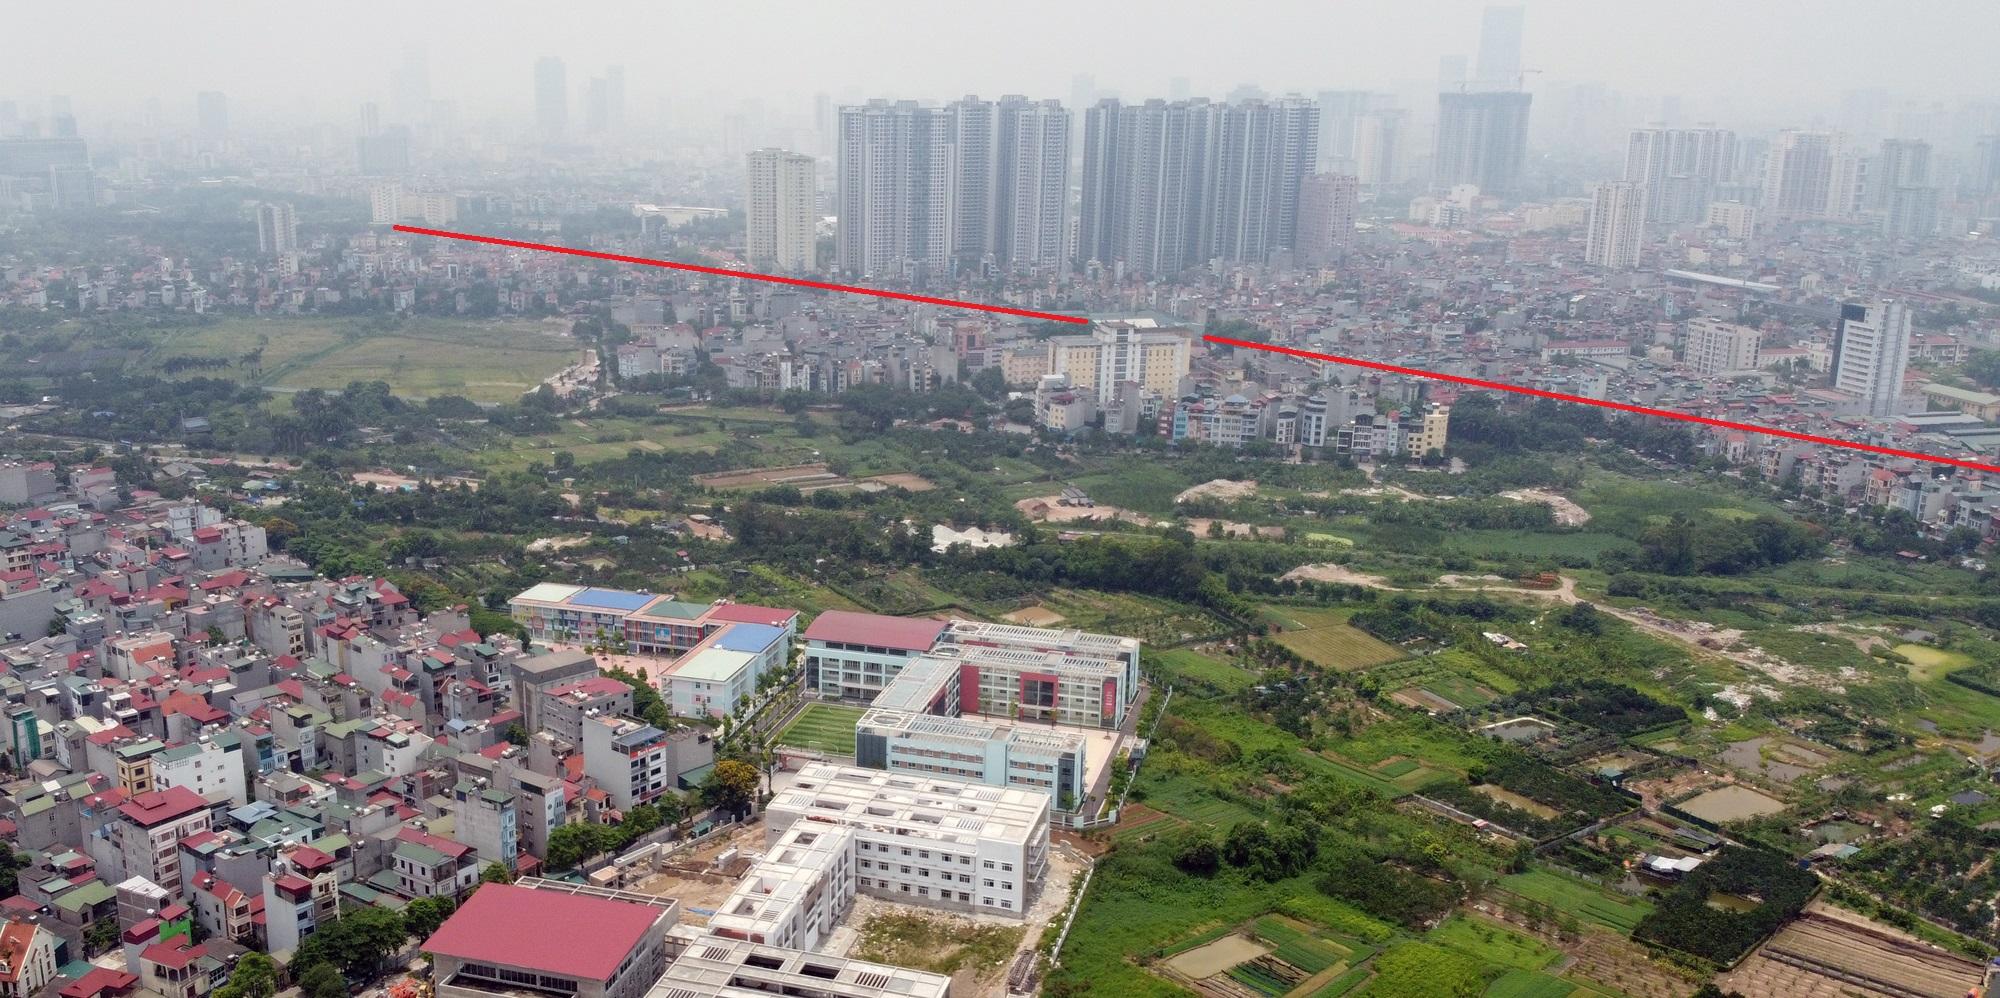 Kế hoạch sử dụng đất phường Phú Diễn, Bắc Từ Liêm, Hà Nội năm 2021 - Ảnh 1.